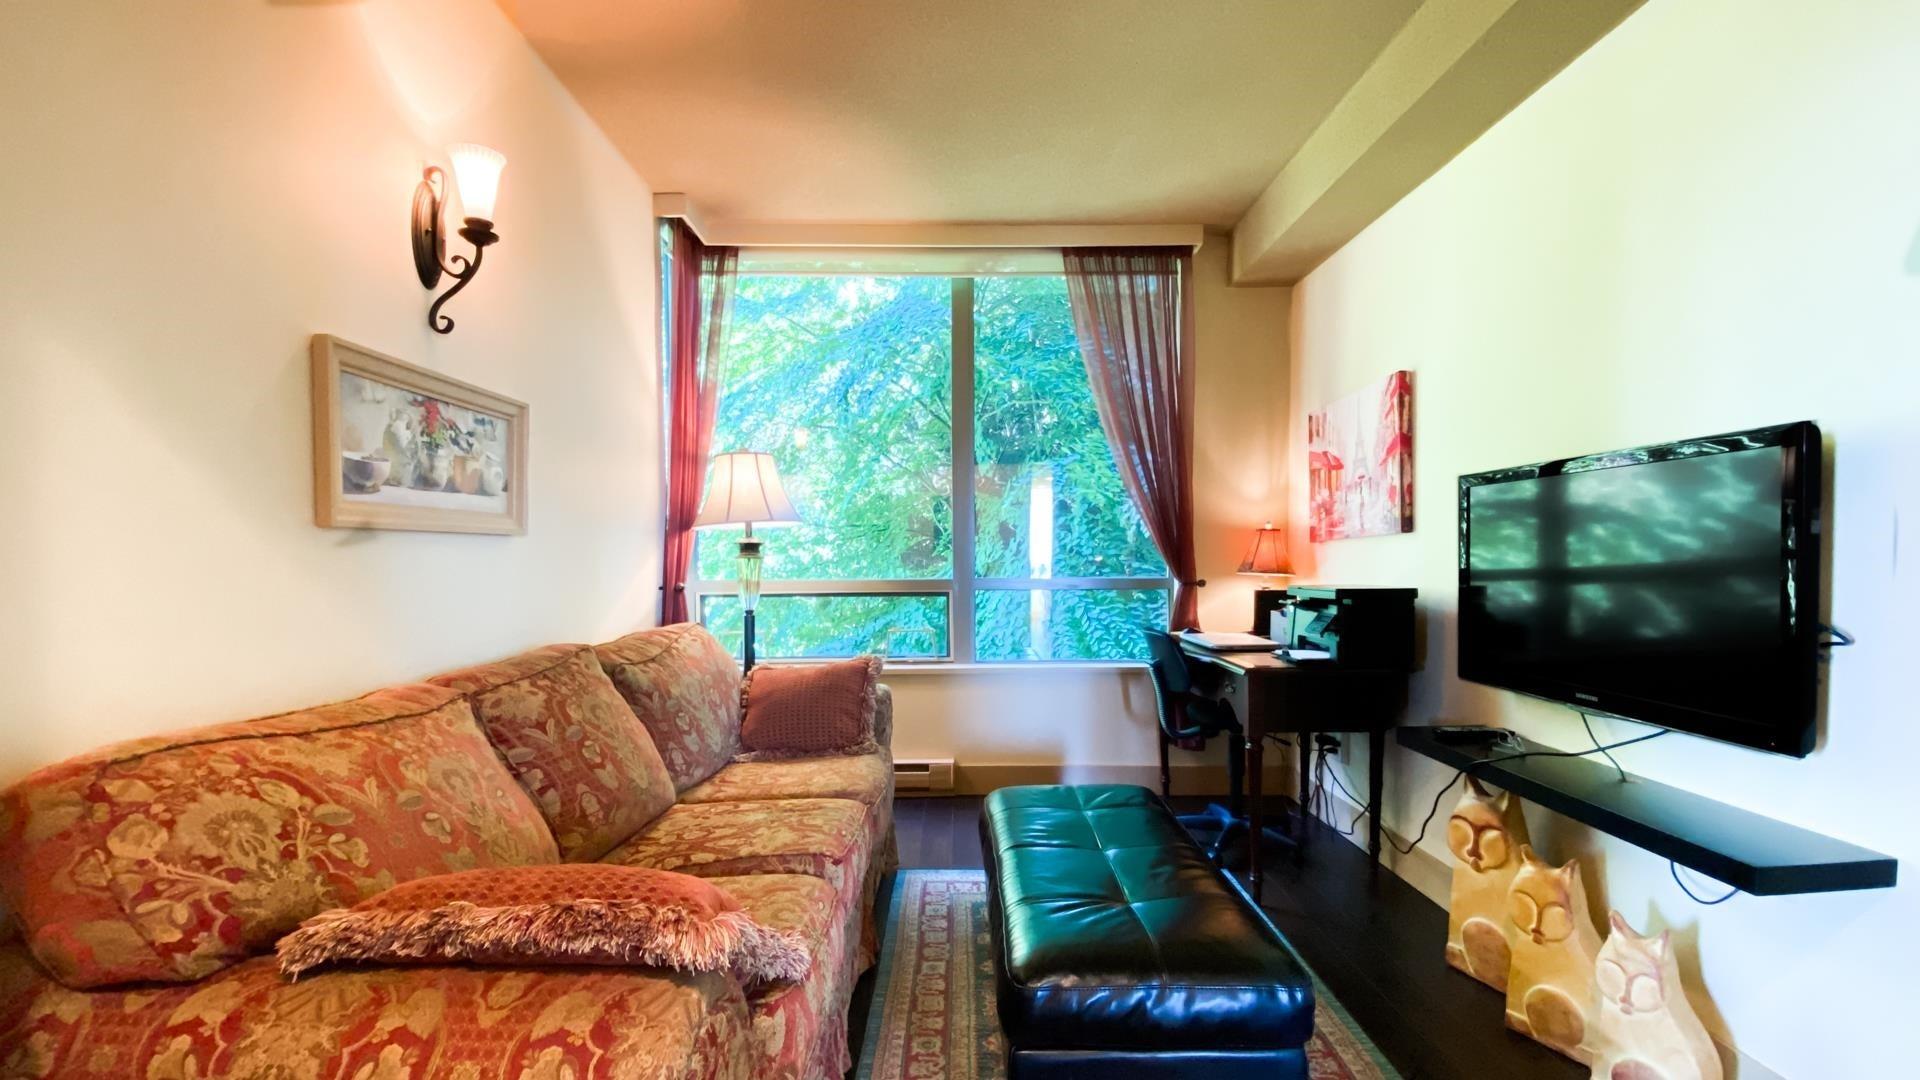 301 3131 DEER RIDGE DRIVE - Deer Ridge WV Apartment/Condo for sale, 2 Bedrooms (R2615692) - #16